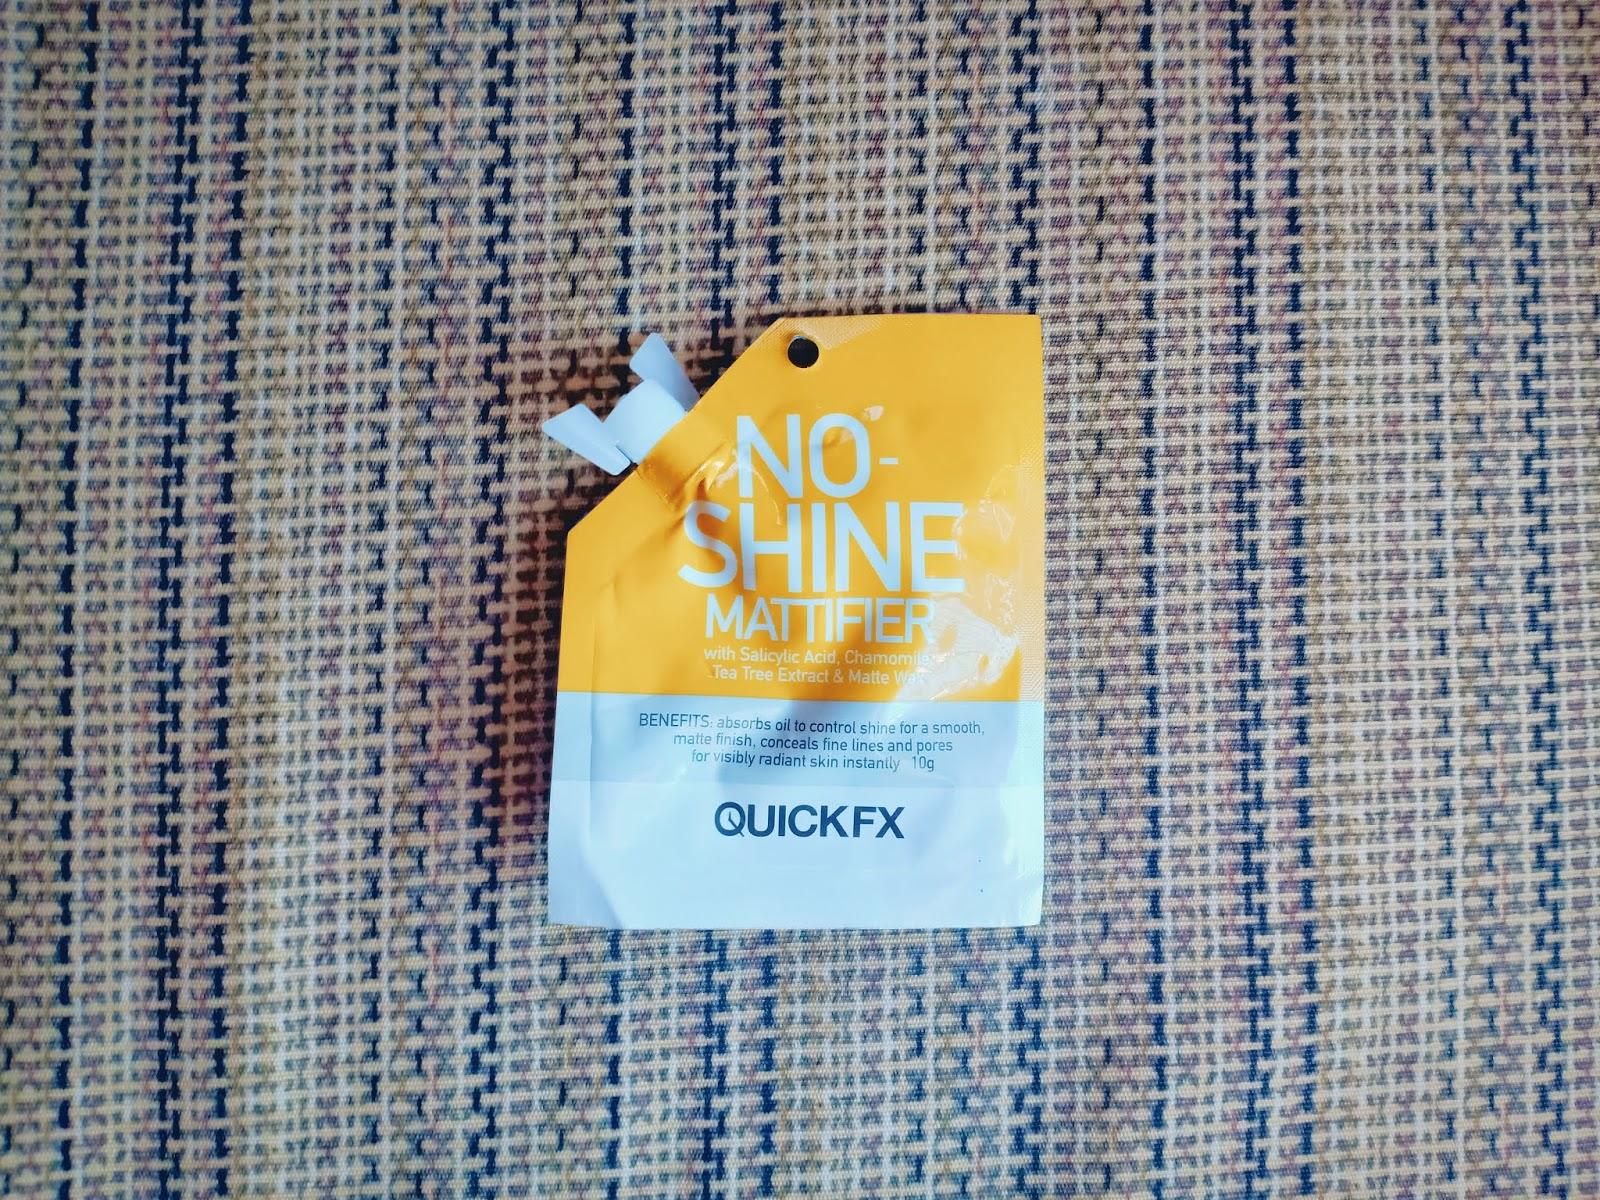 Everyday Makeup Routine Quick FX No Shine Mattifier